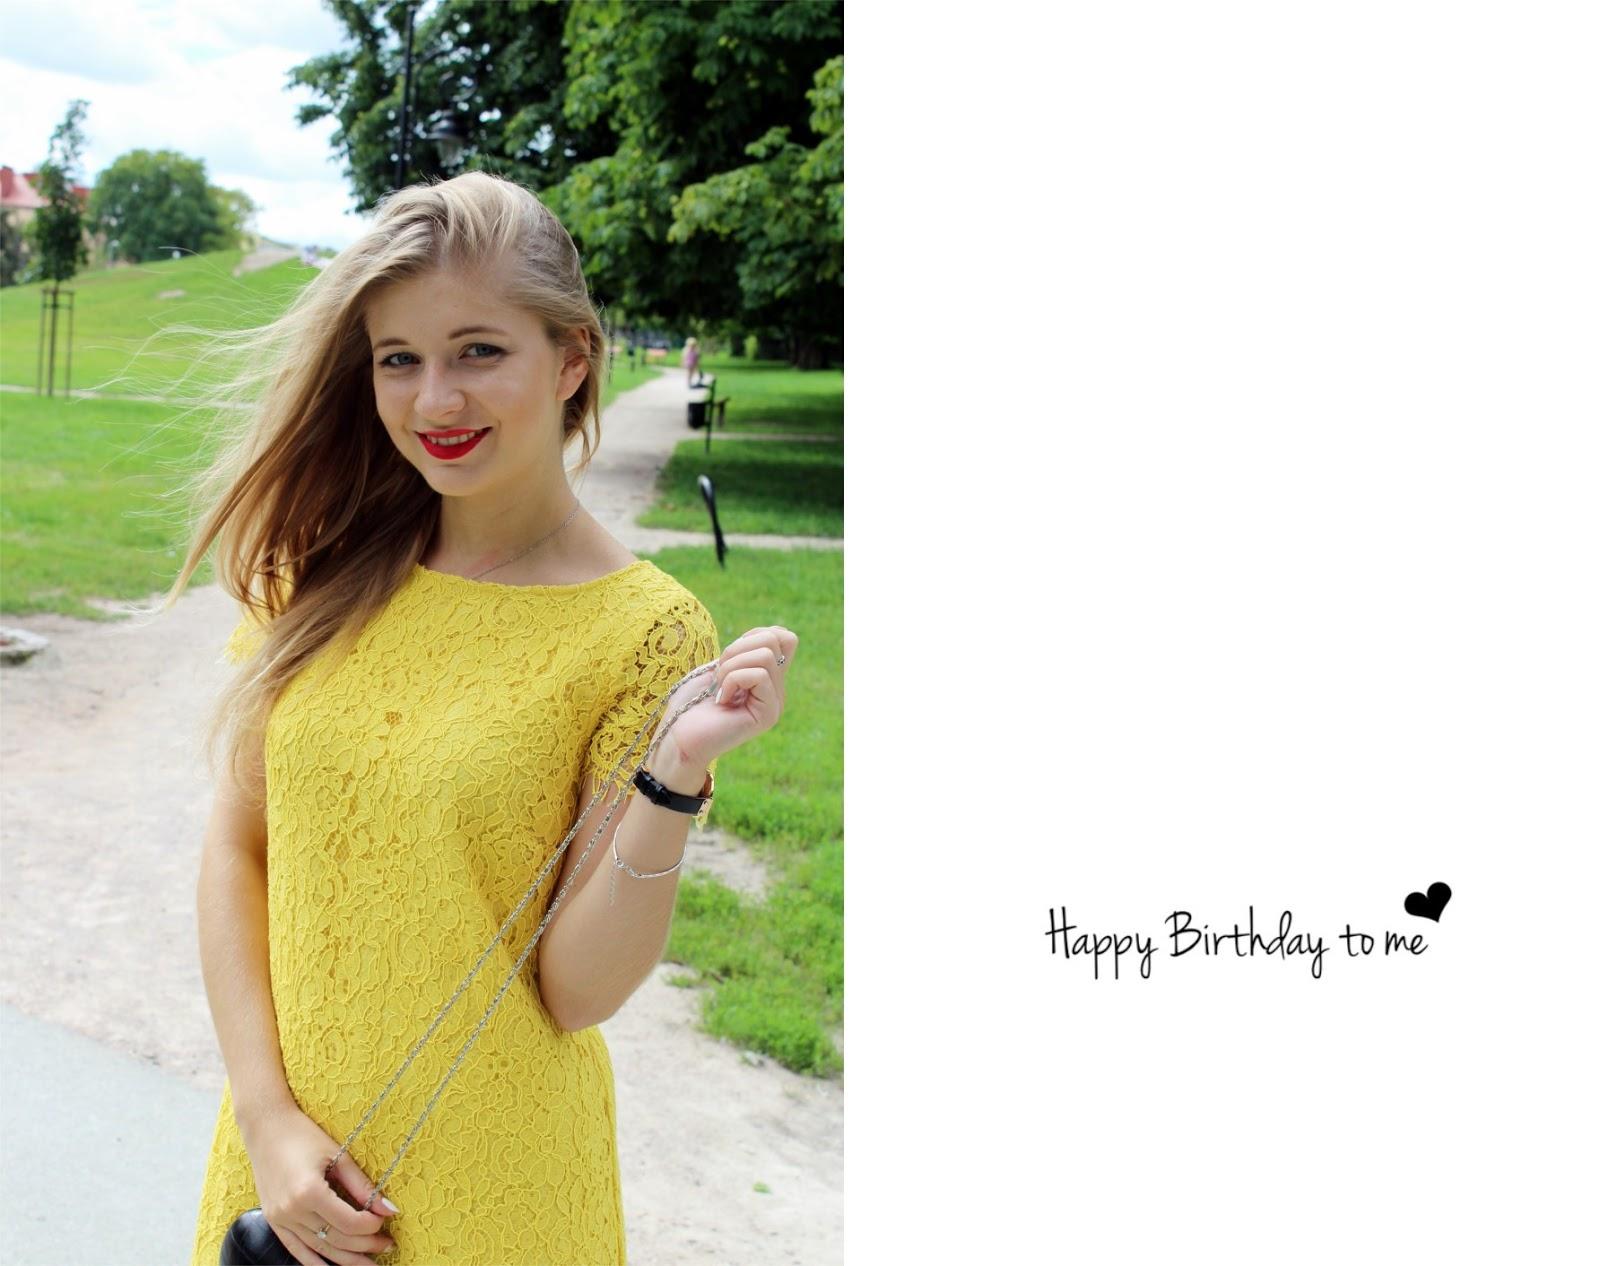 Happy Birthday to me! …